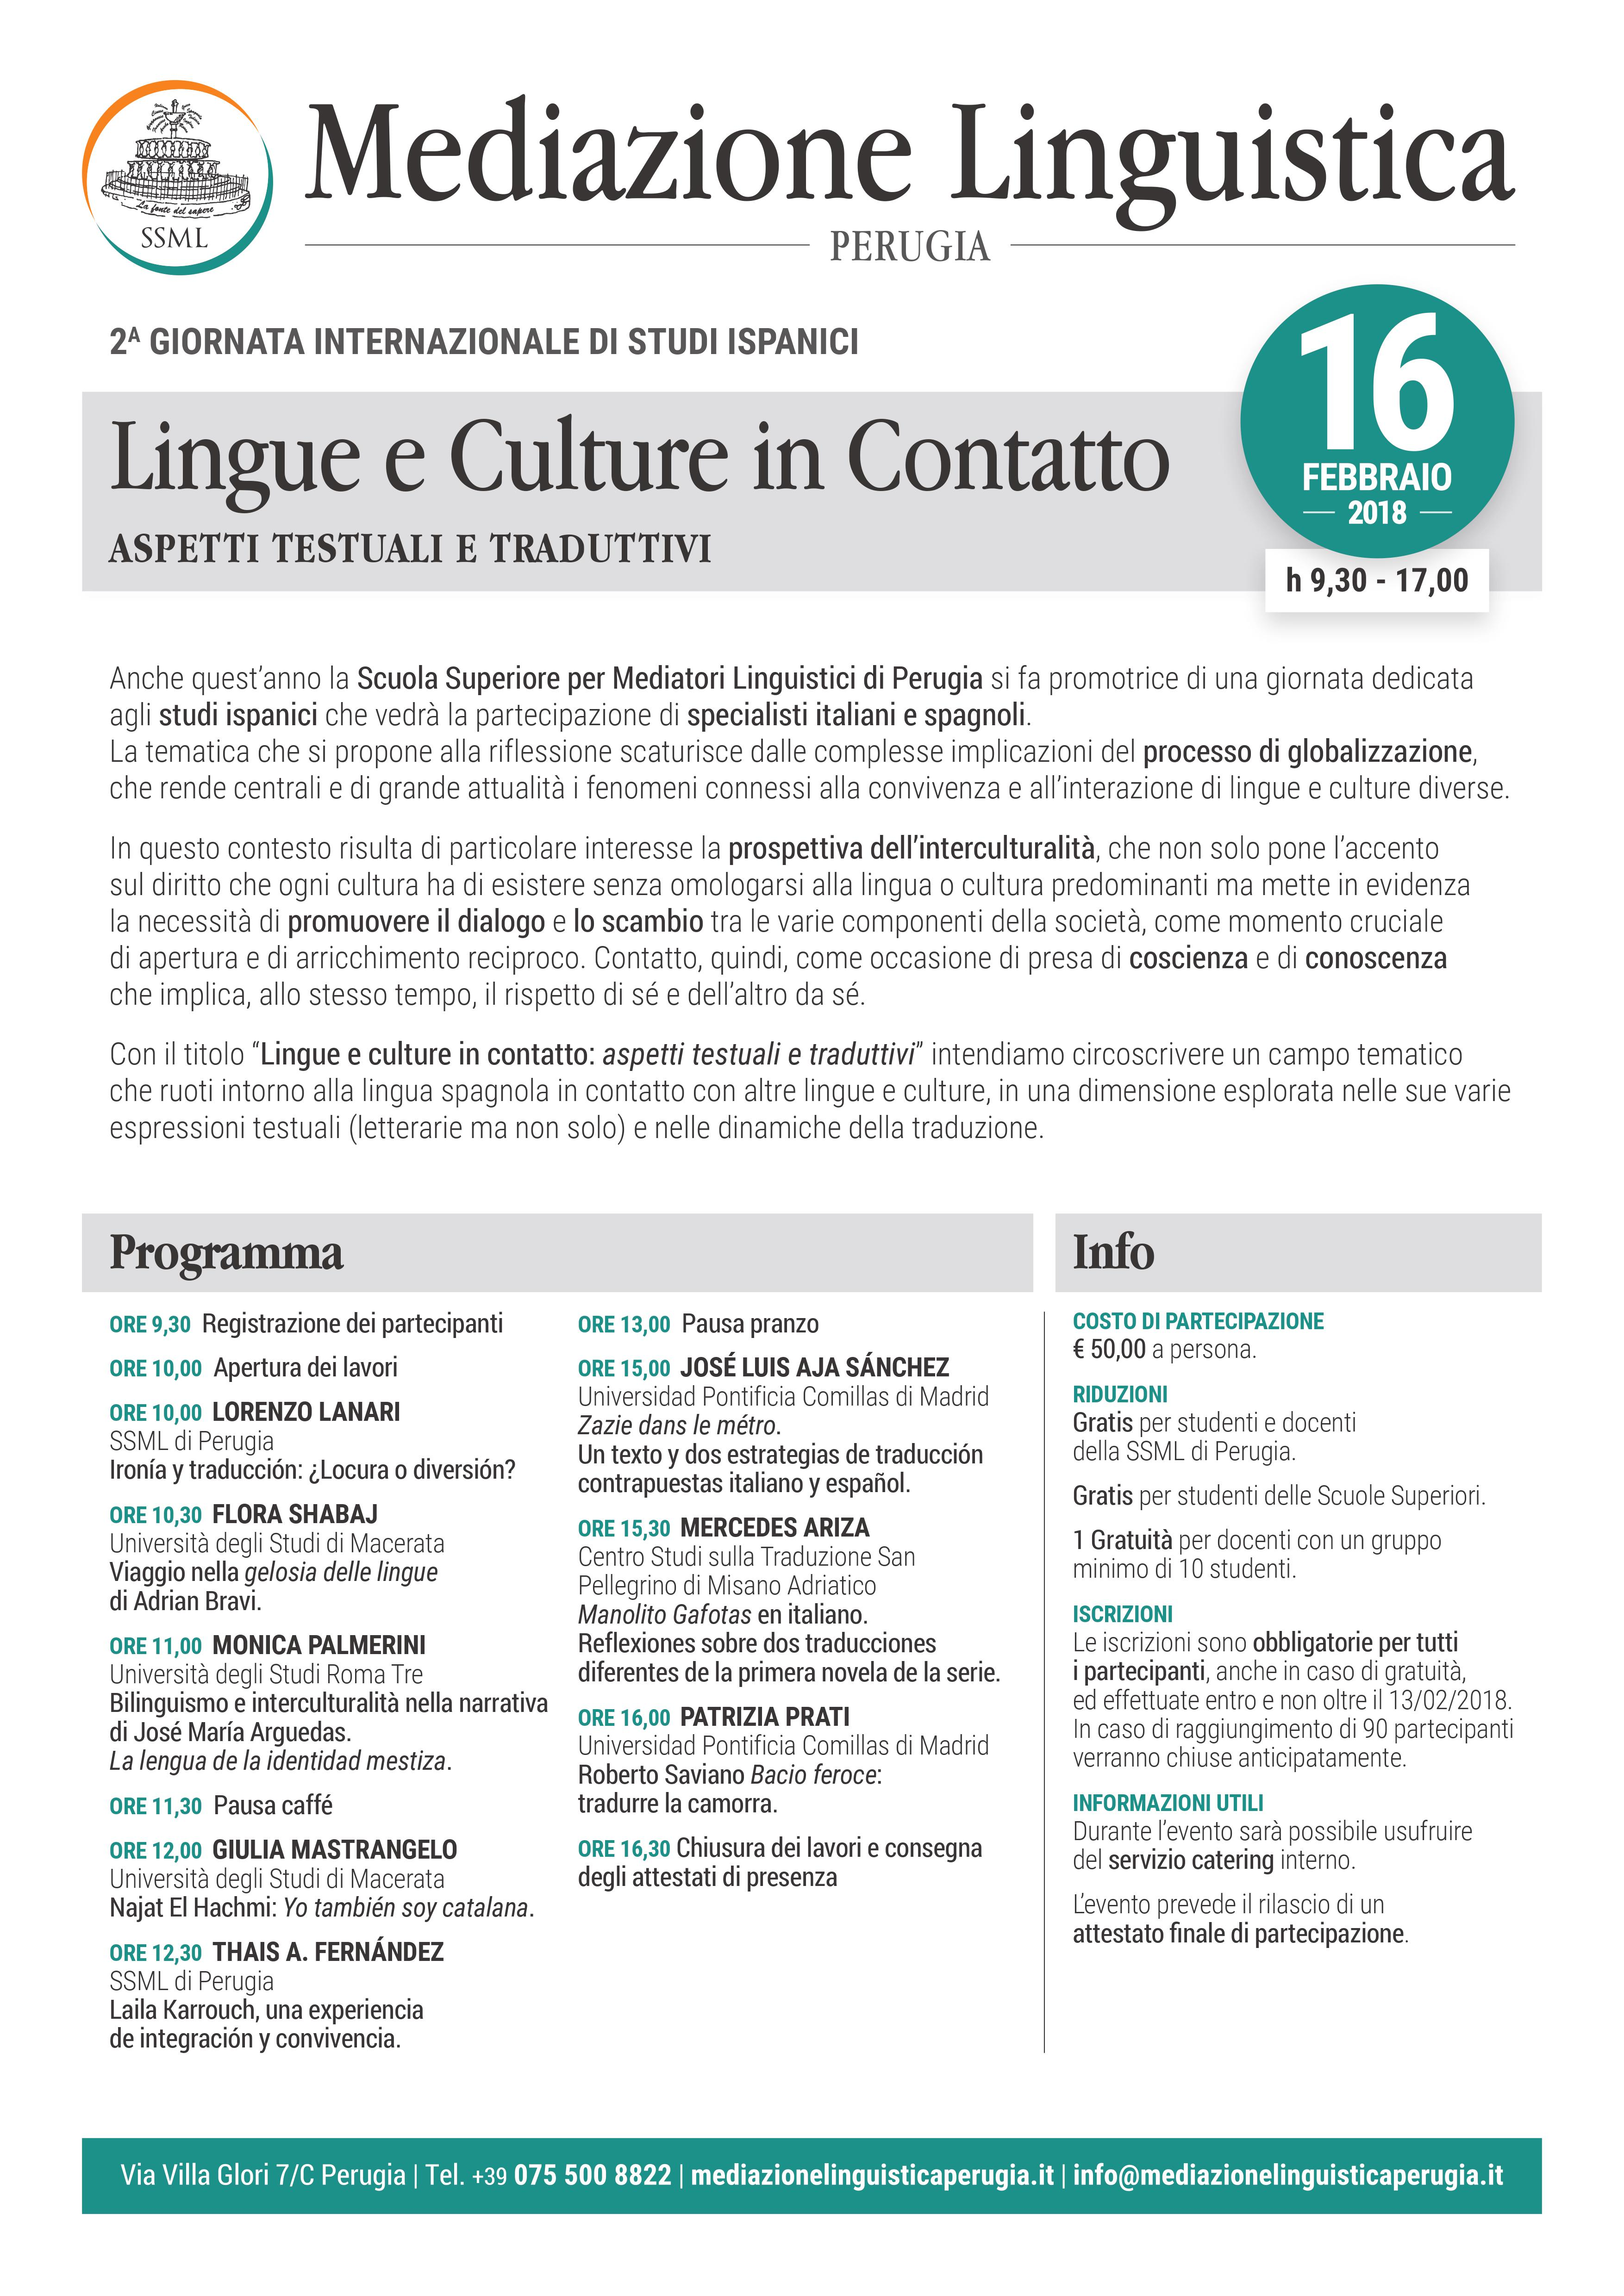 Lingue e Culture in Contatto